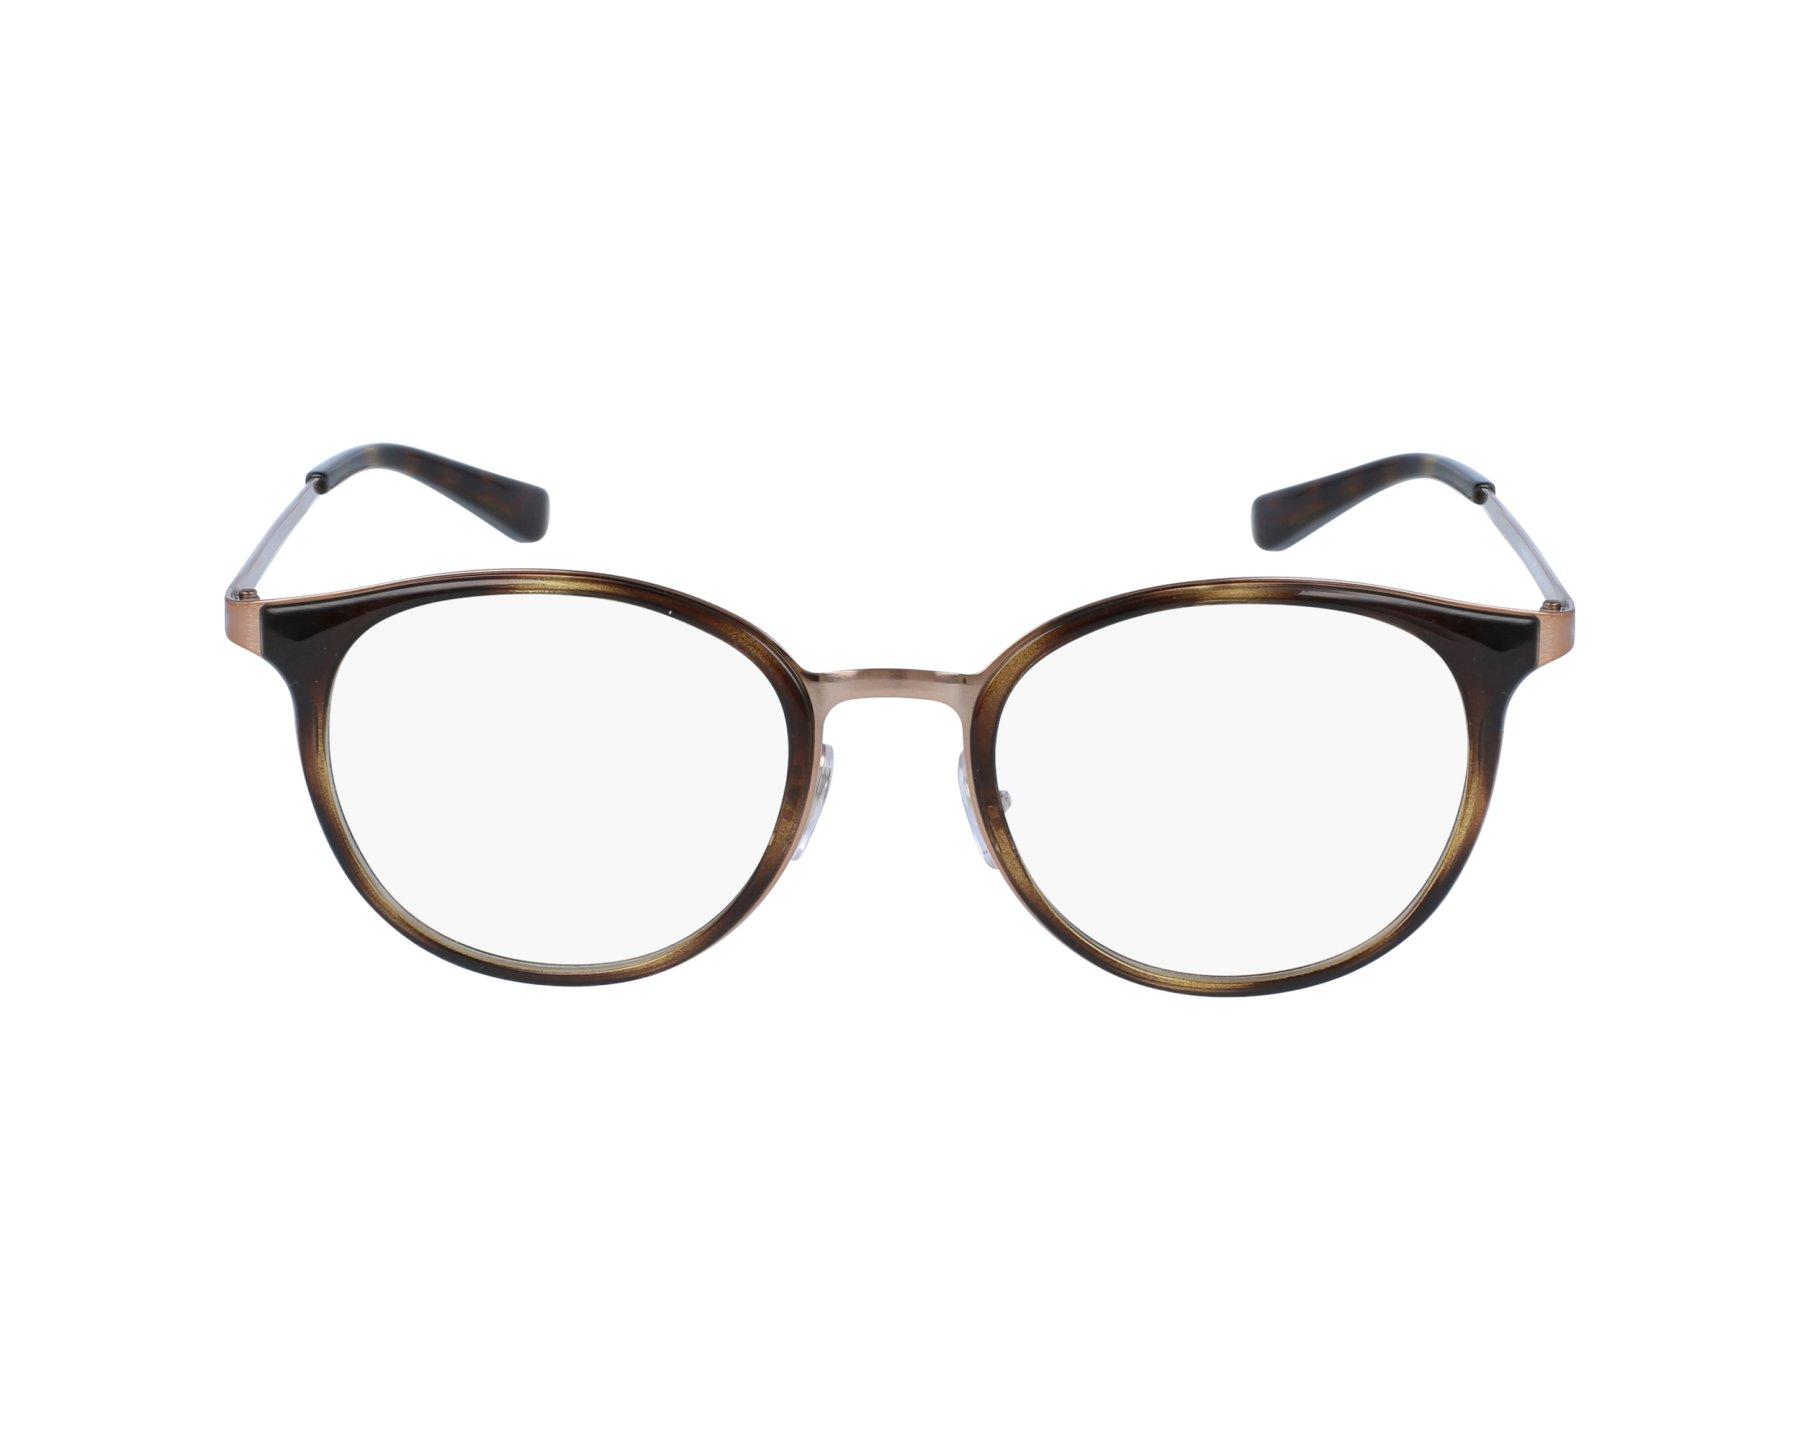 7472eb1070b5f eyeglasses Ray-Ban RX-6372-M 2732 50-19 Bronze Havana profile